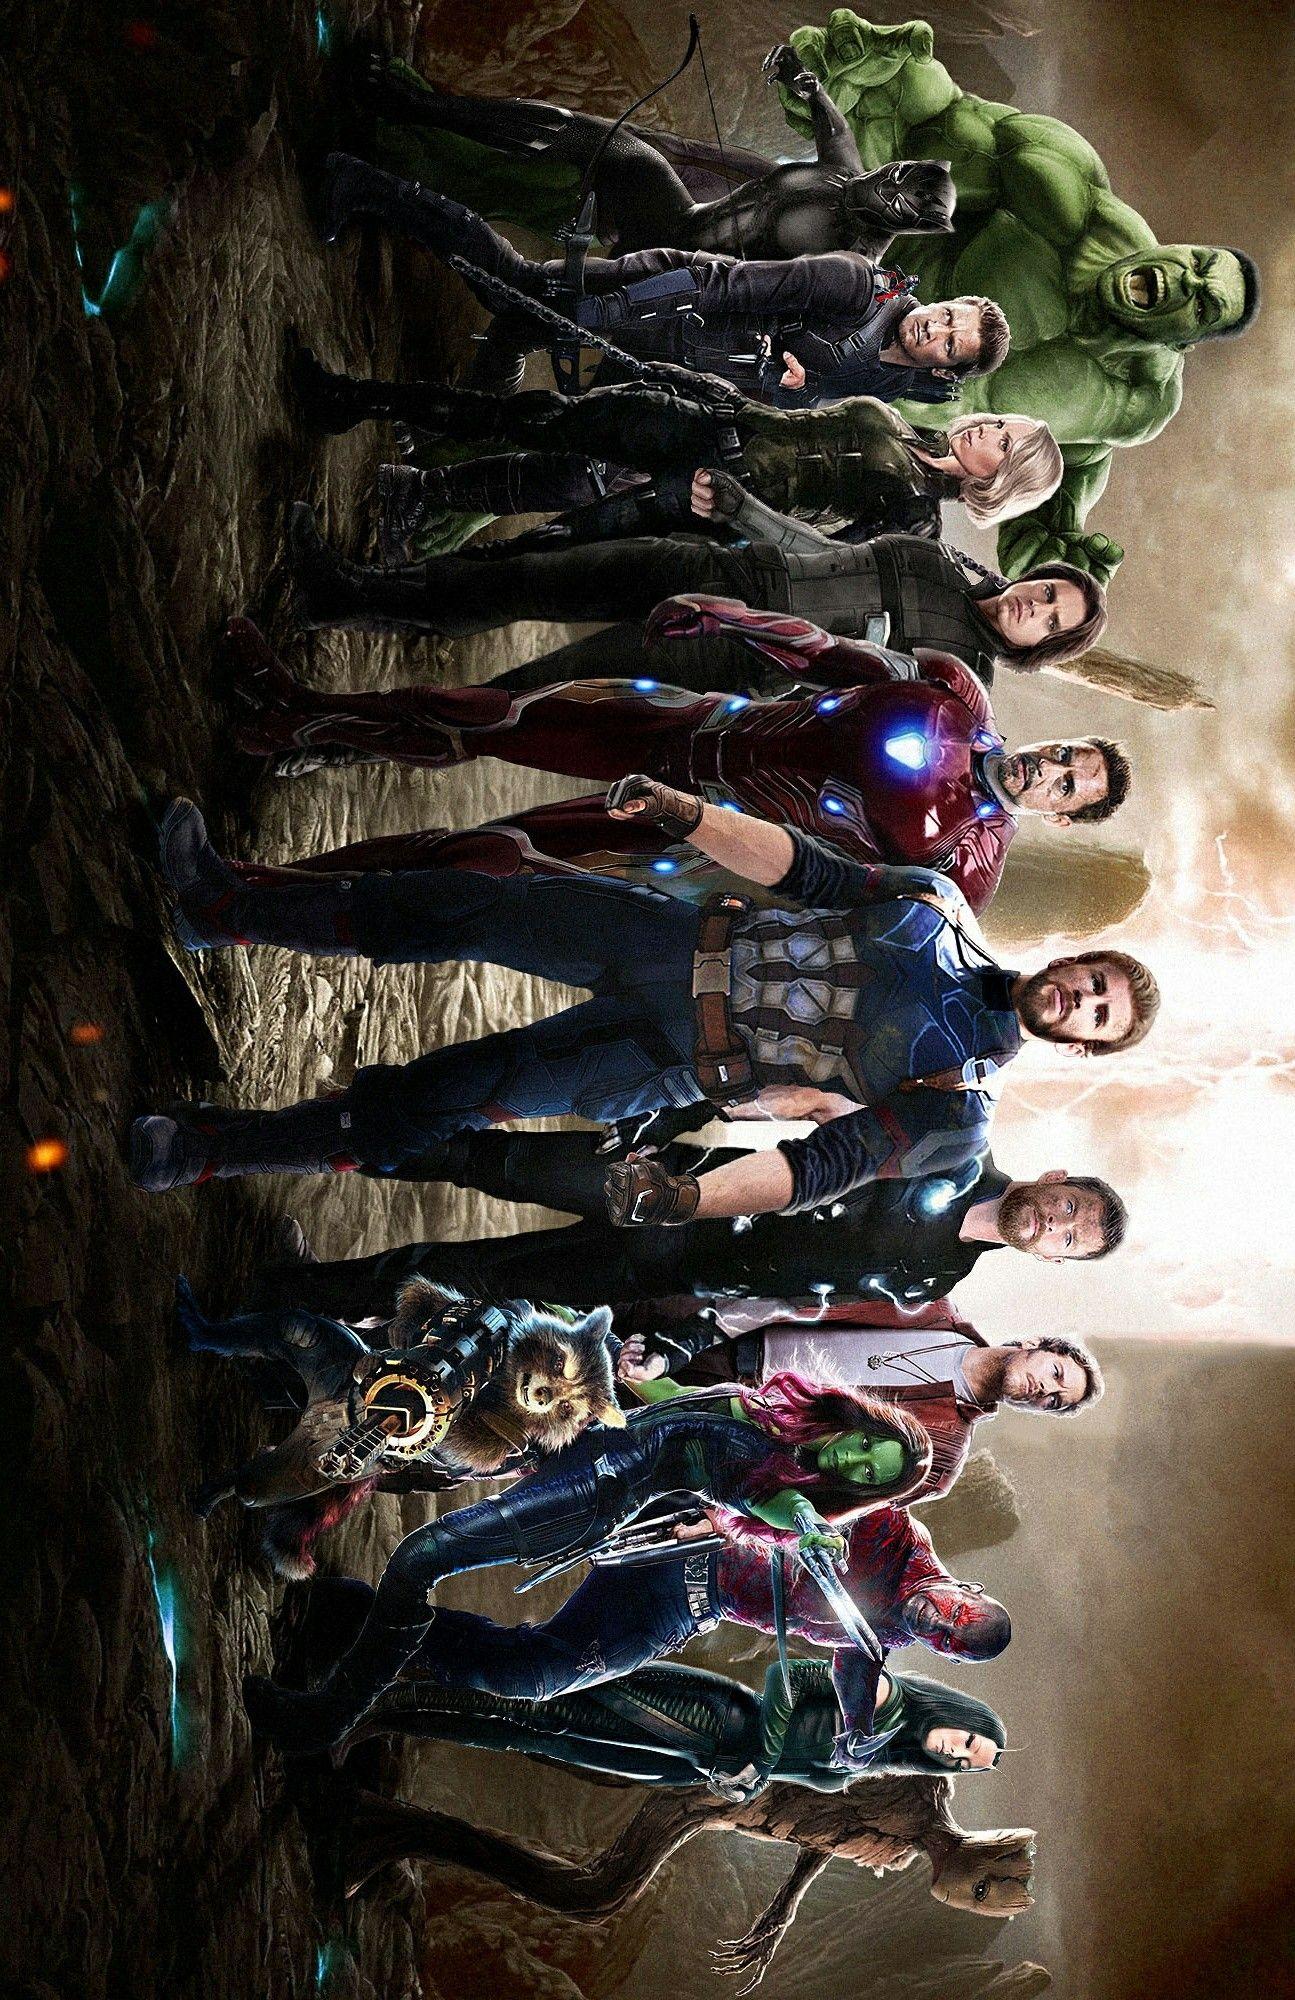 Marvel Avengers Wallpaper : Avenger Endgame Wallpaper iPhone 003f9c4d3c0dc87aab1fc00c74b5c701